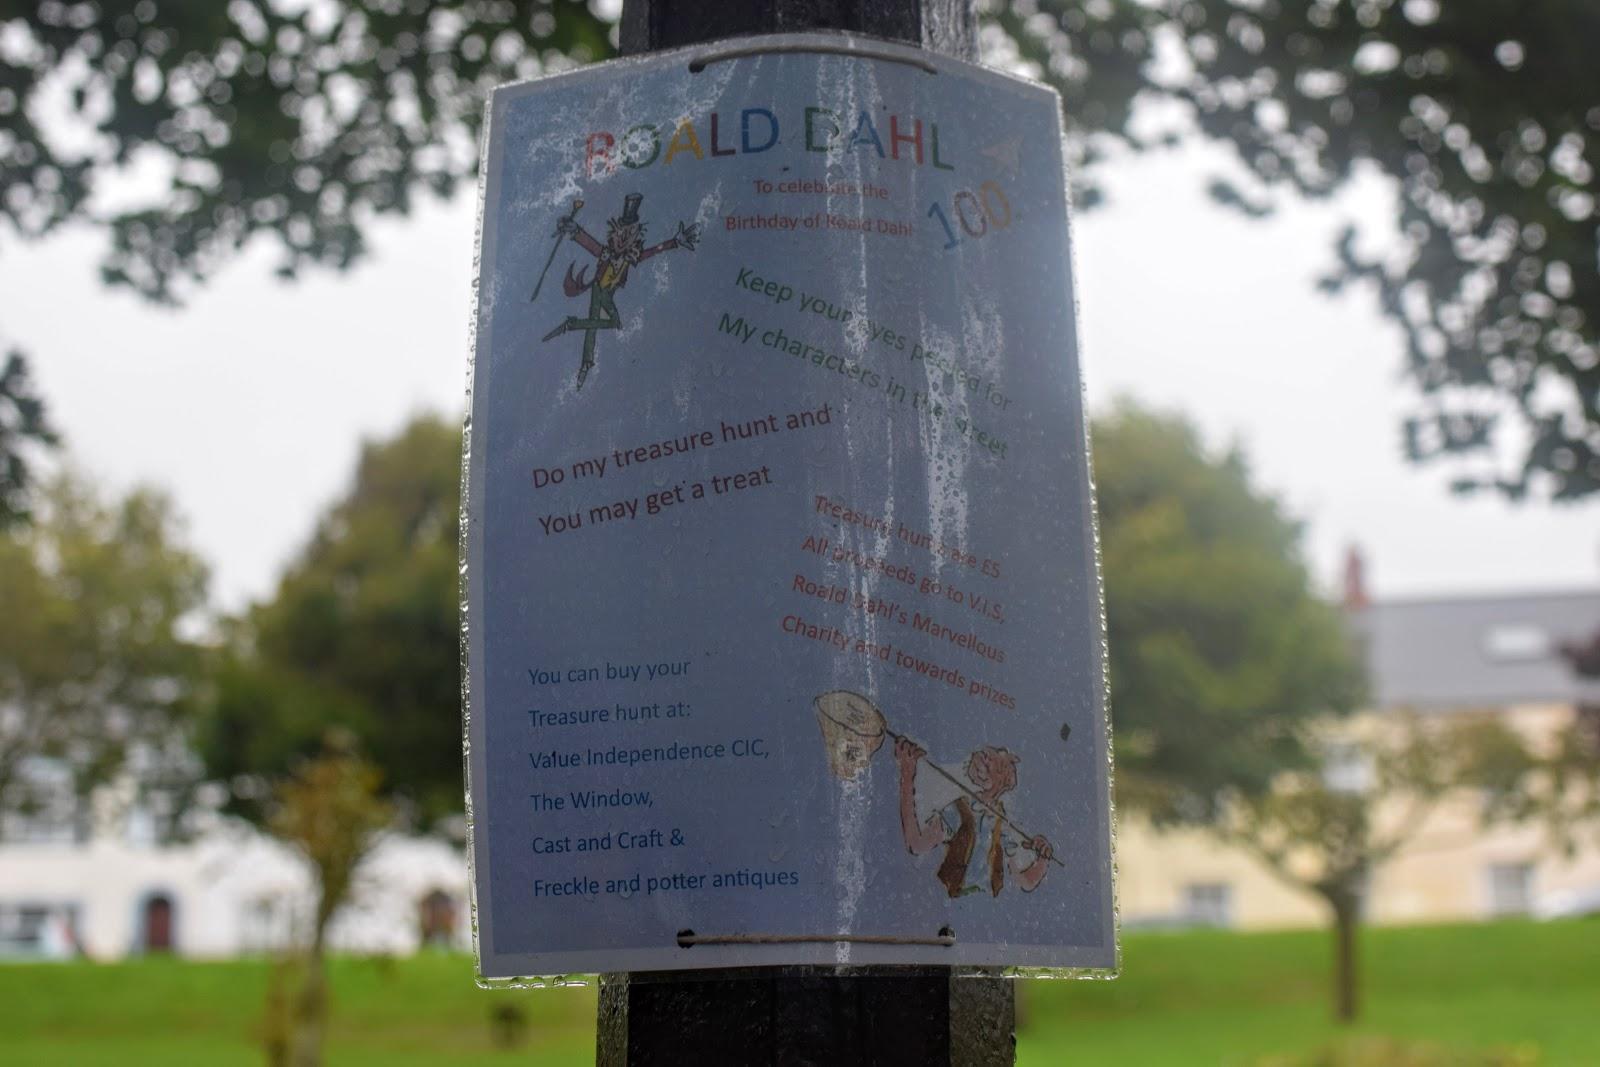 , Roald Dahl Treasure Hunt, Milford Haven and other Roald Dahl Activities #RoaldDahl100 #Wales